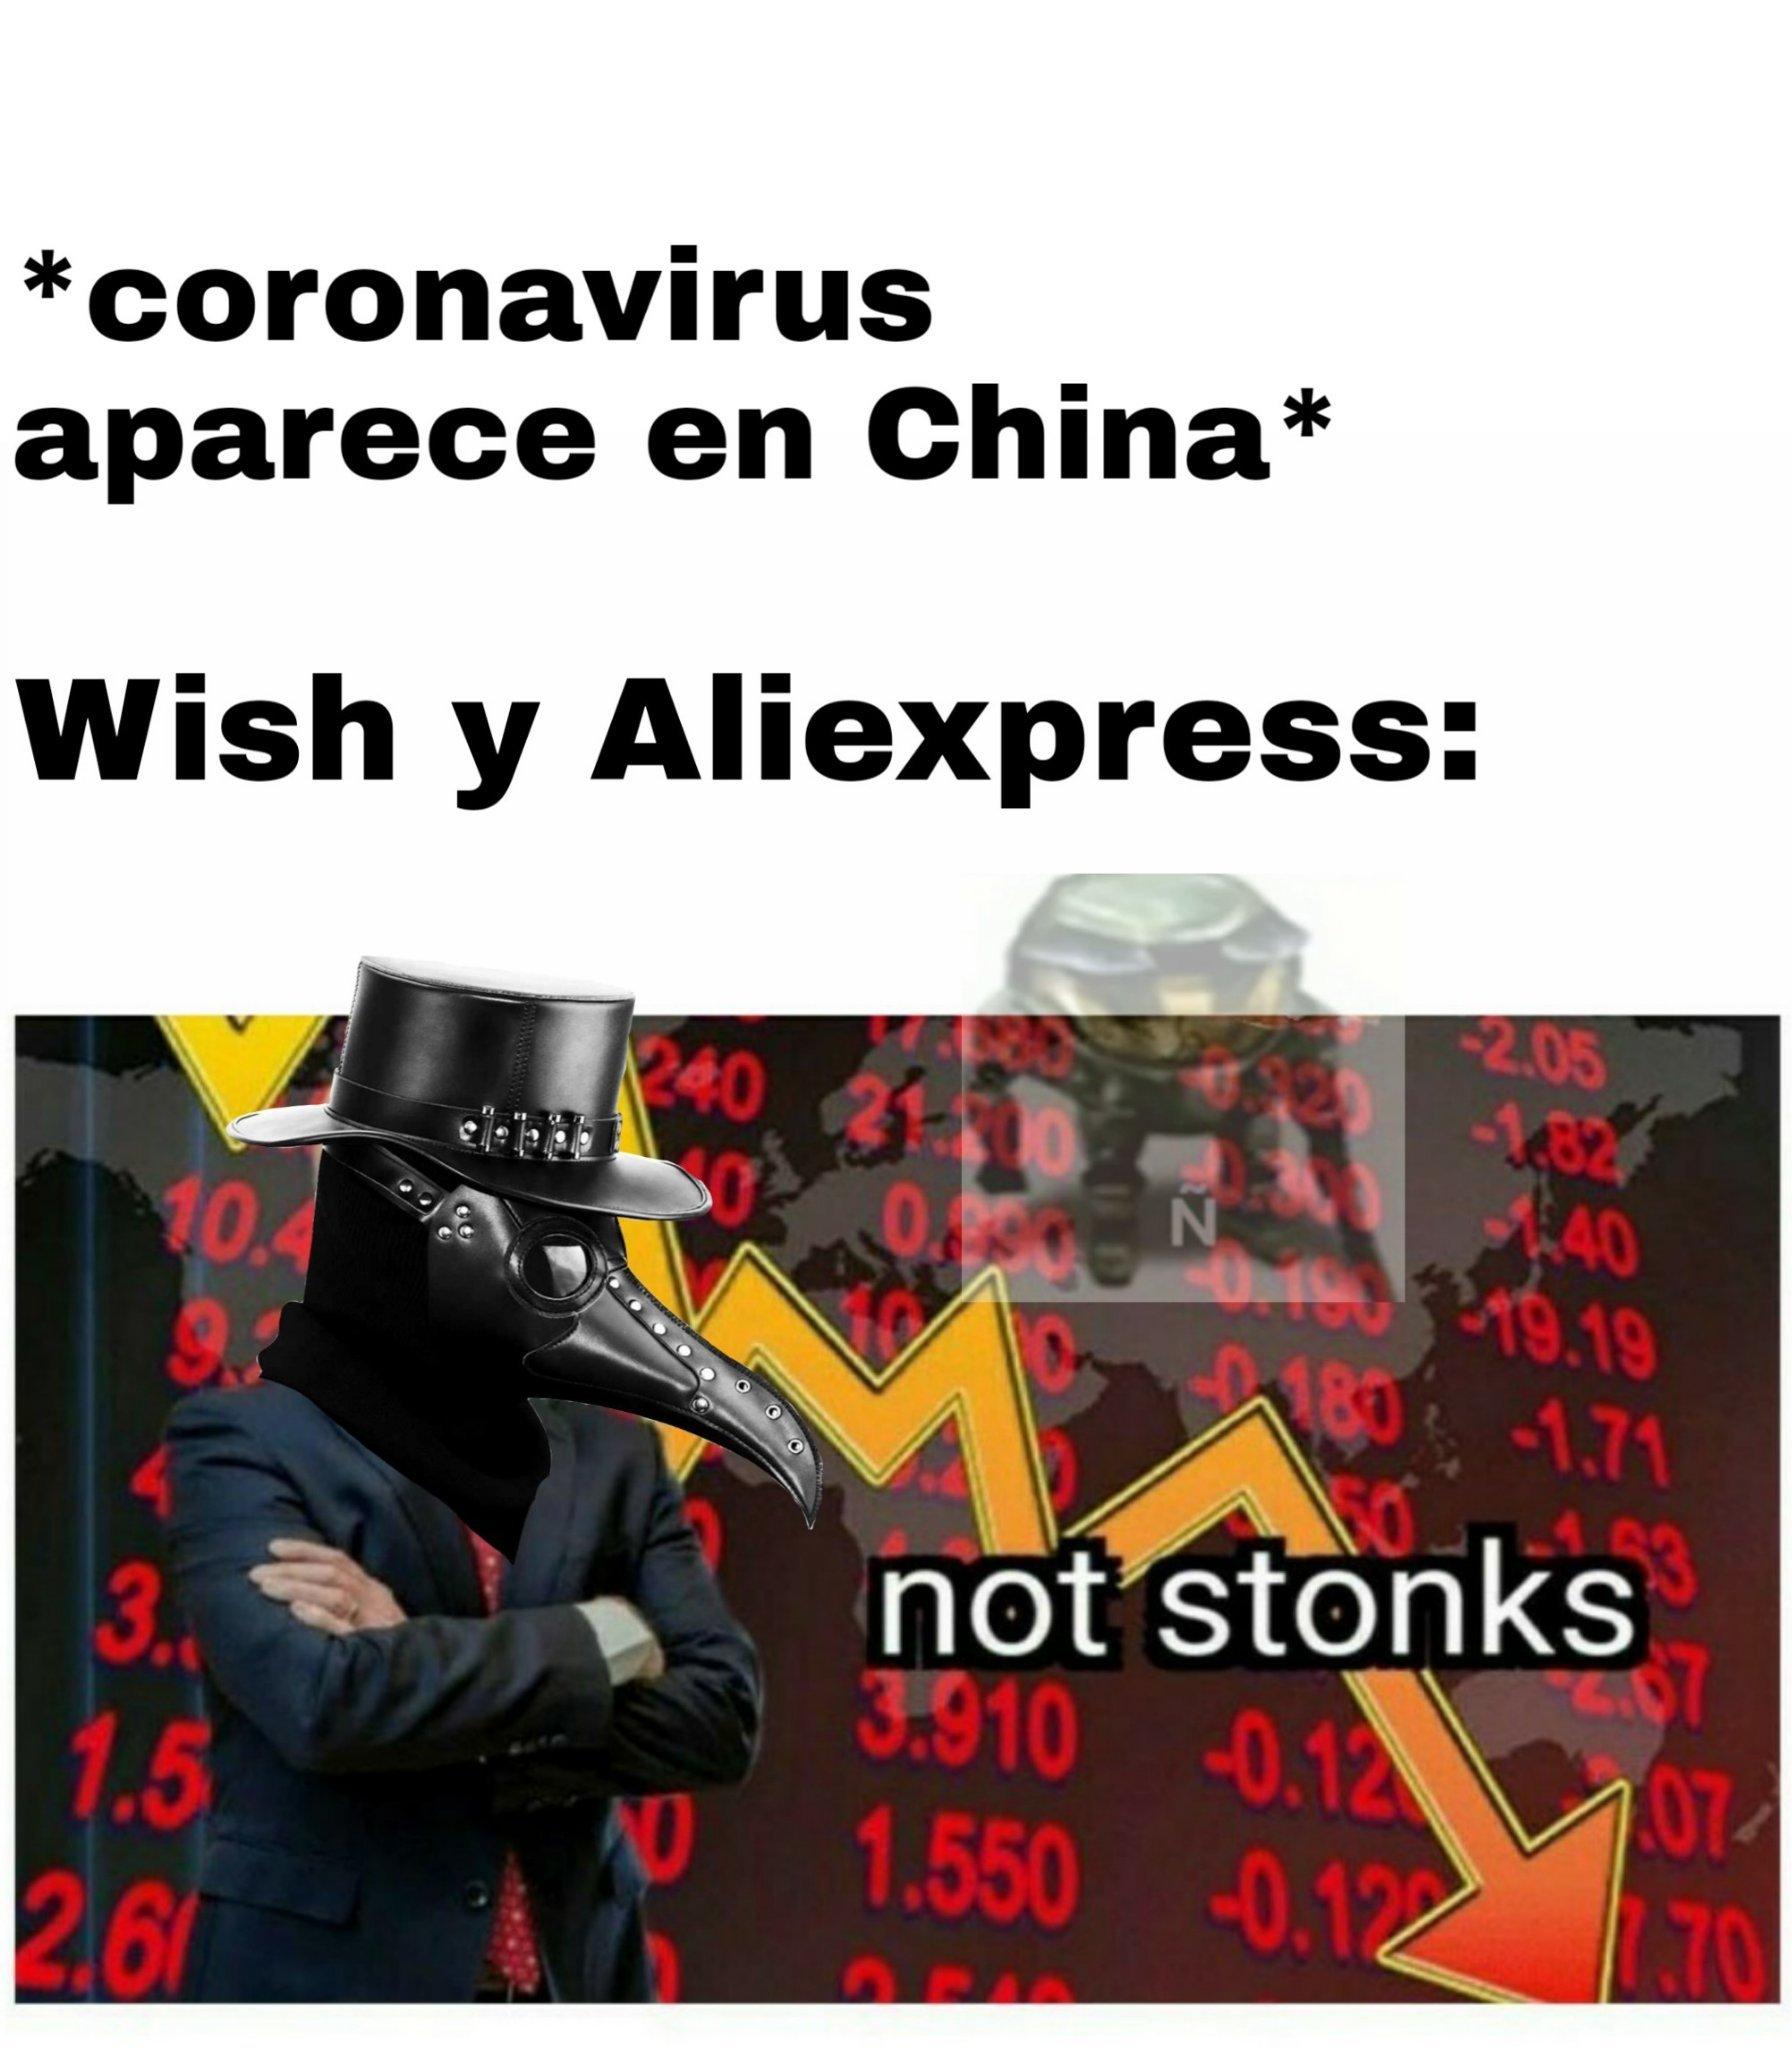 el título del meme